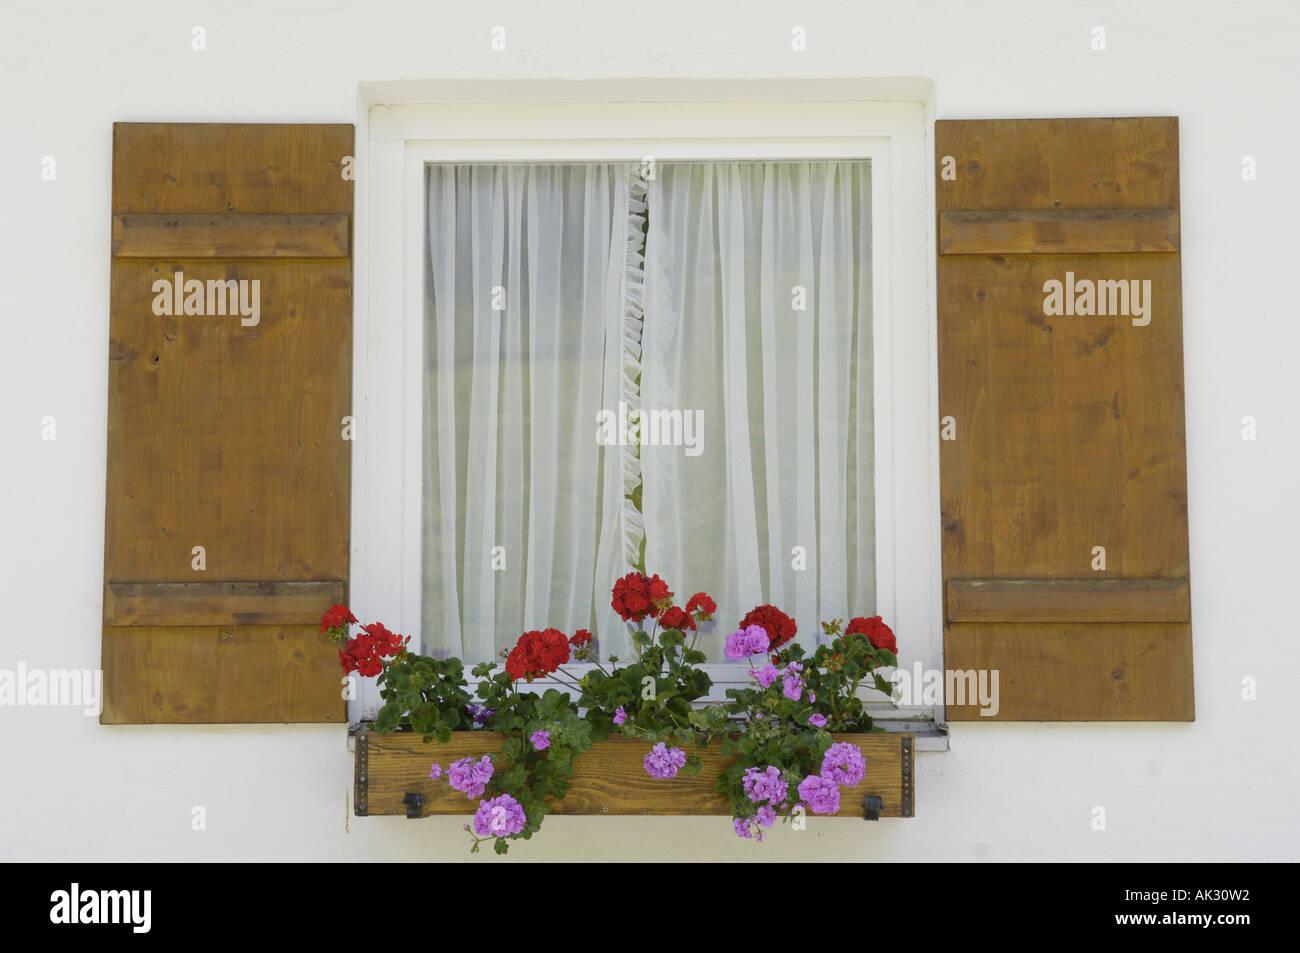 window pane window box flowers blooms wood wooden shutters house ...